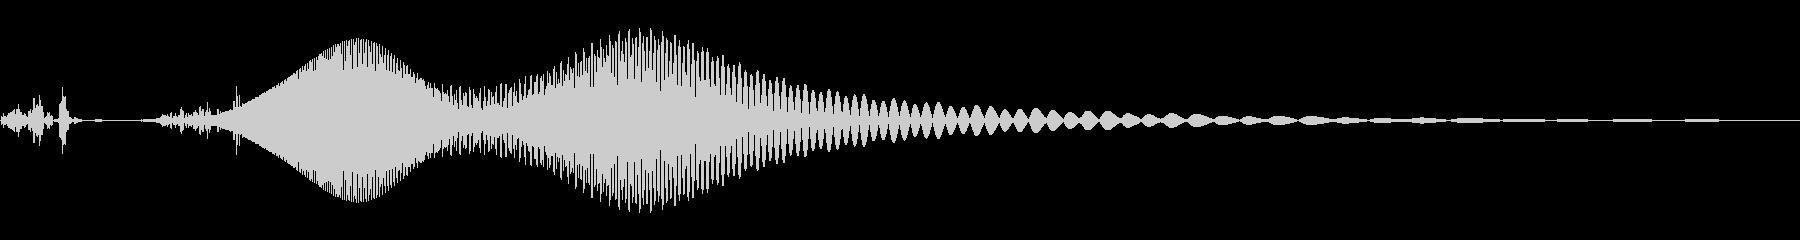 レーザーガンの未再生の波形